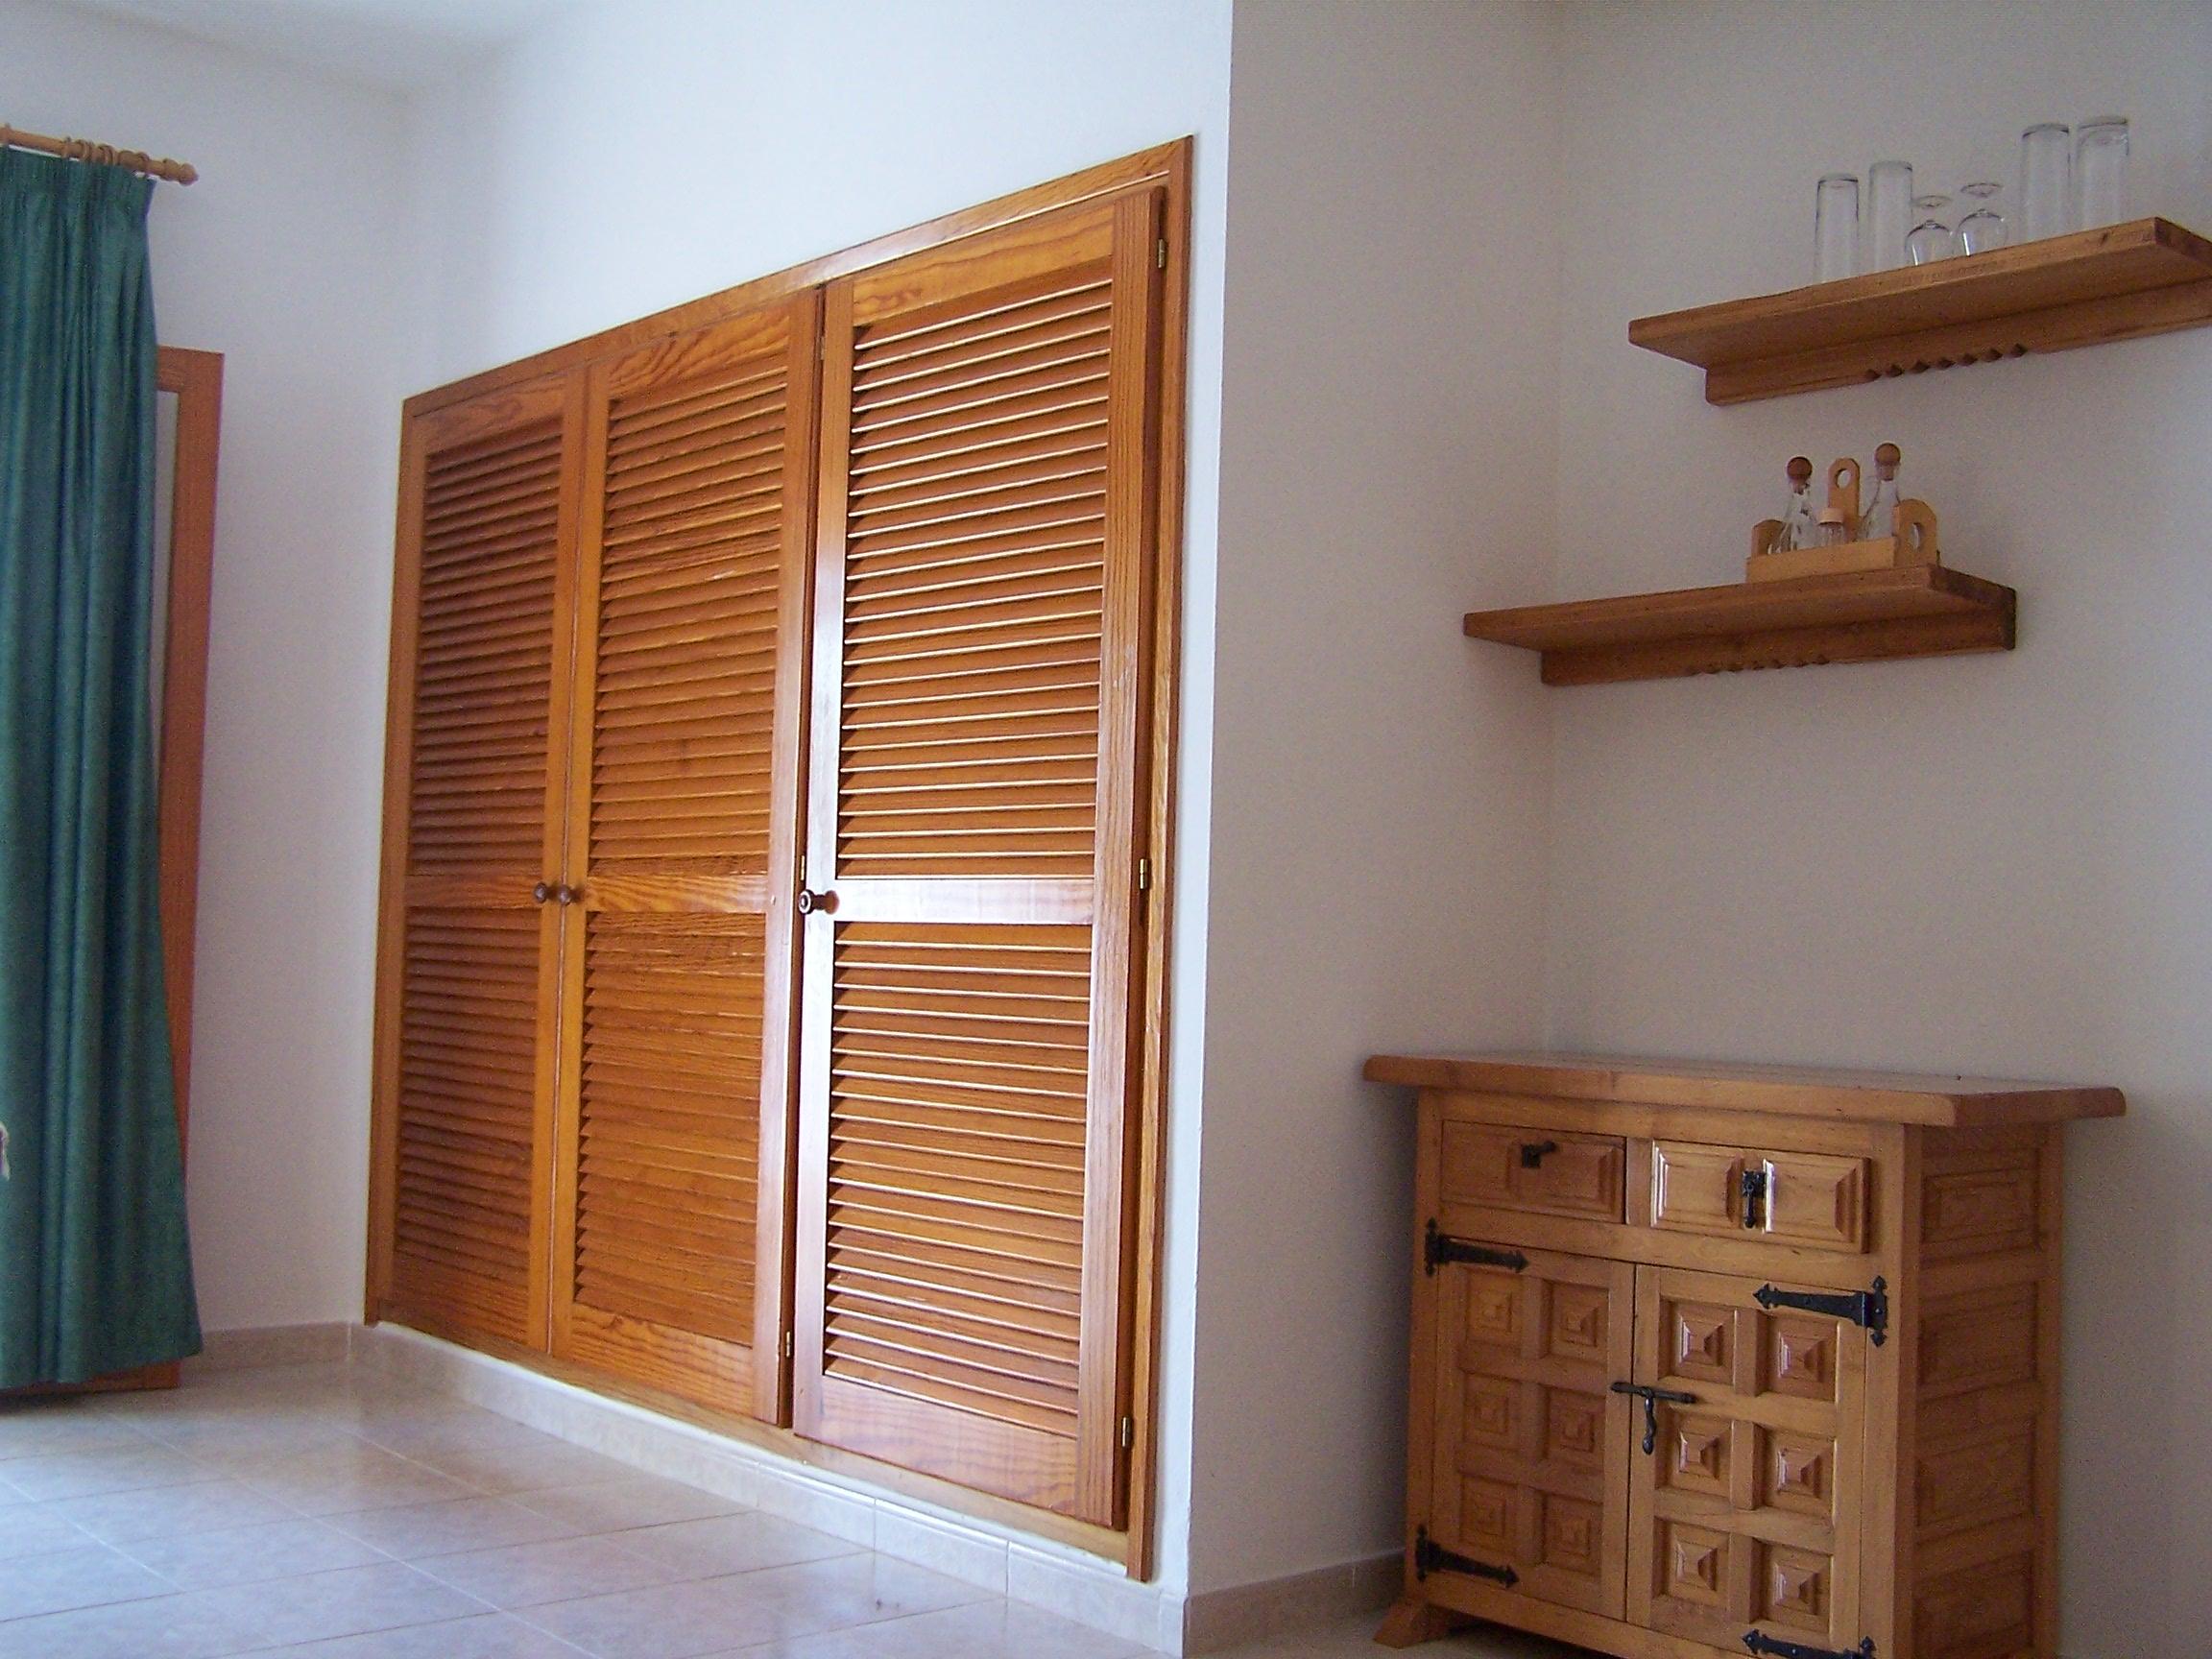 Apartamento turístico en Formentera próximo a Es Pujols. Alojamientos turísticos Cardona